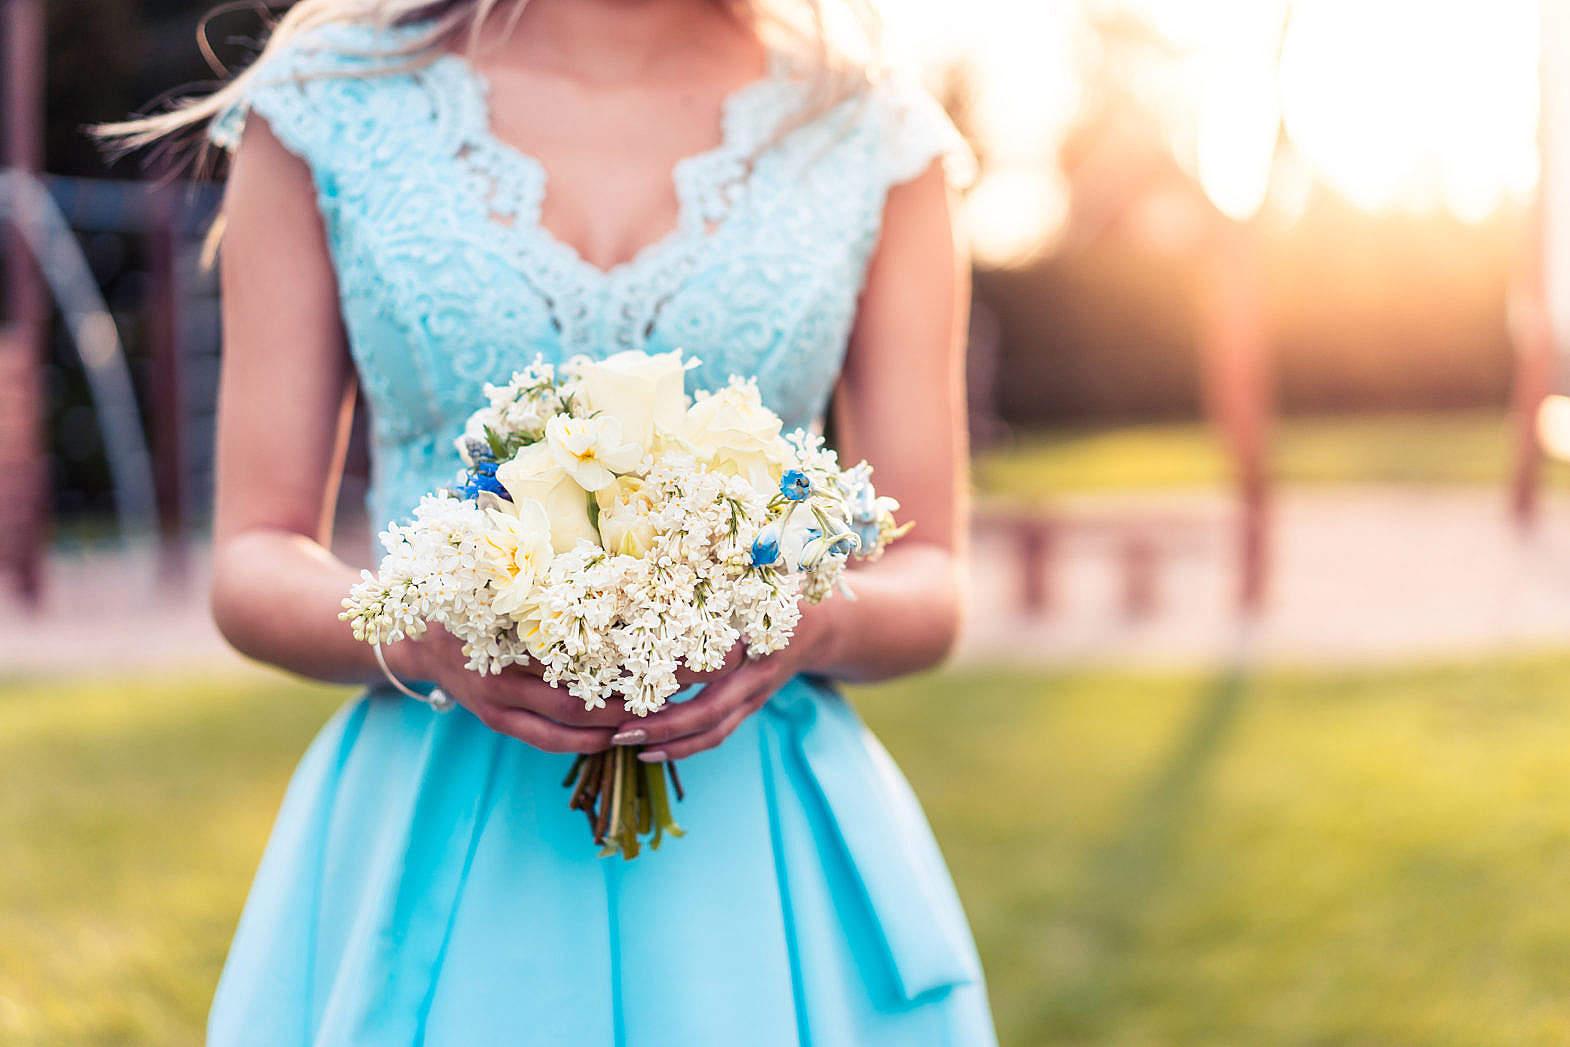 韓國人覺得婚前必做以下7件事,這7關都順利通過的話那你們就真的非常適合對方喔!